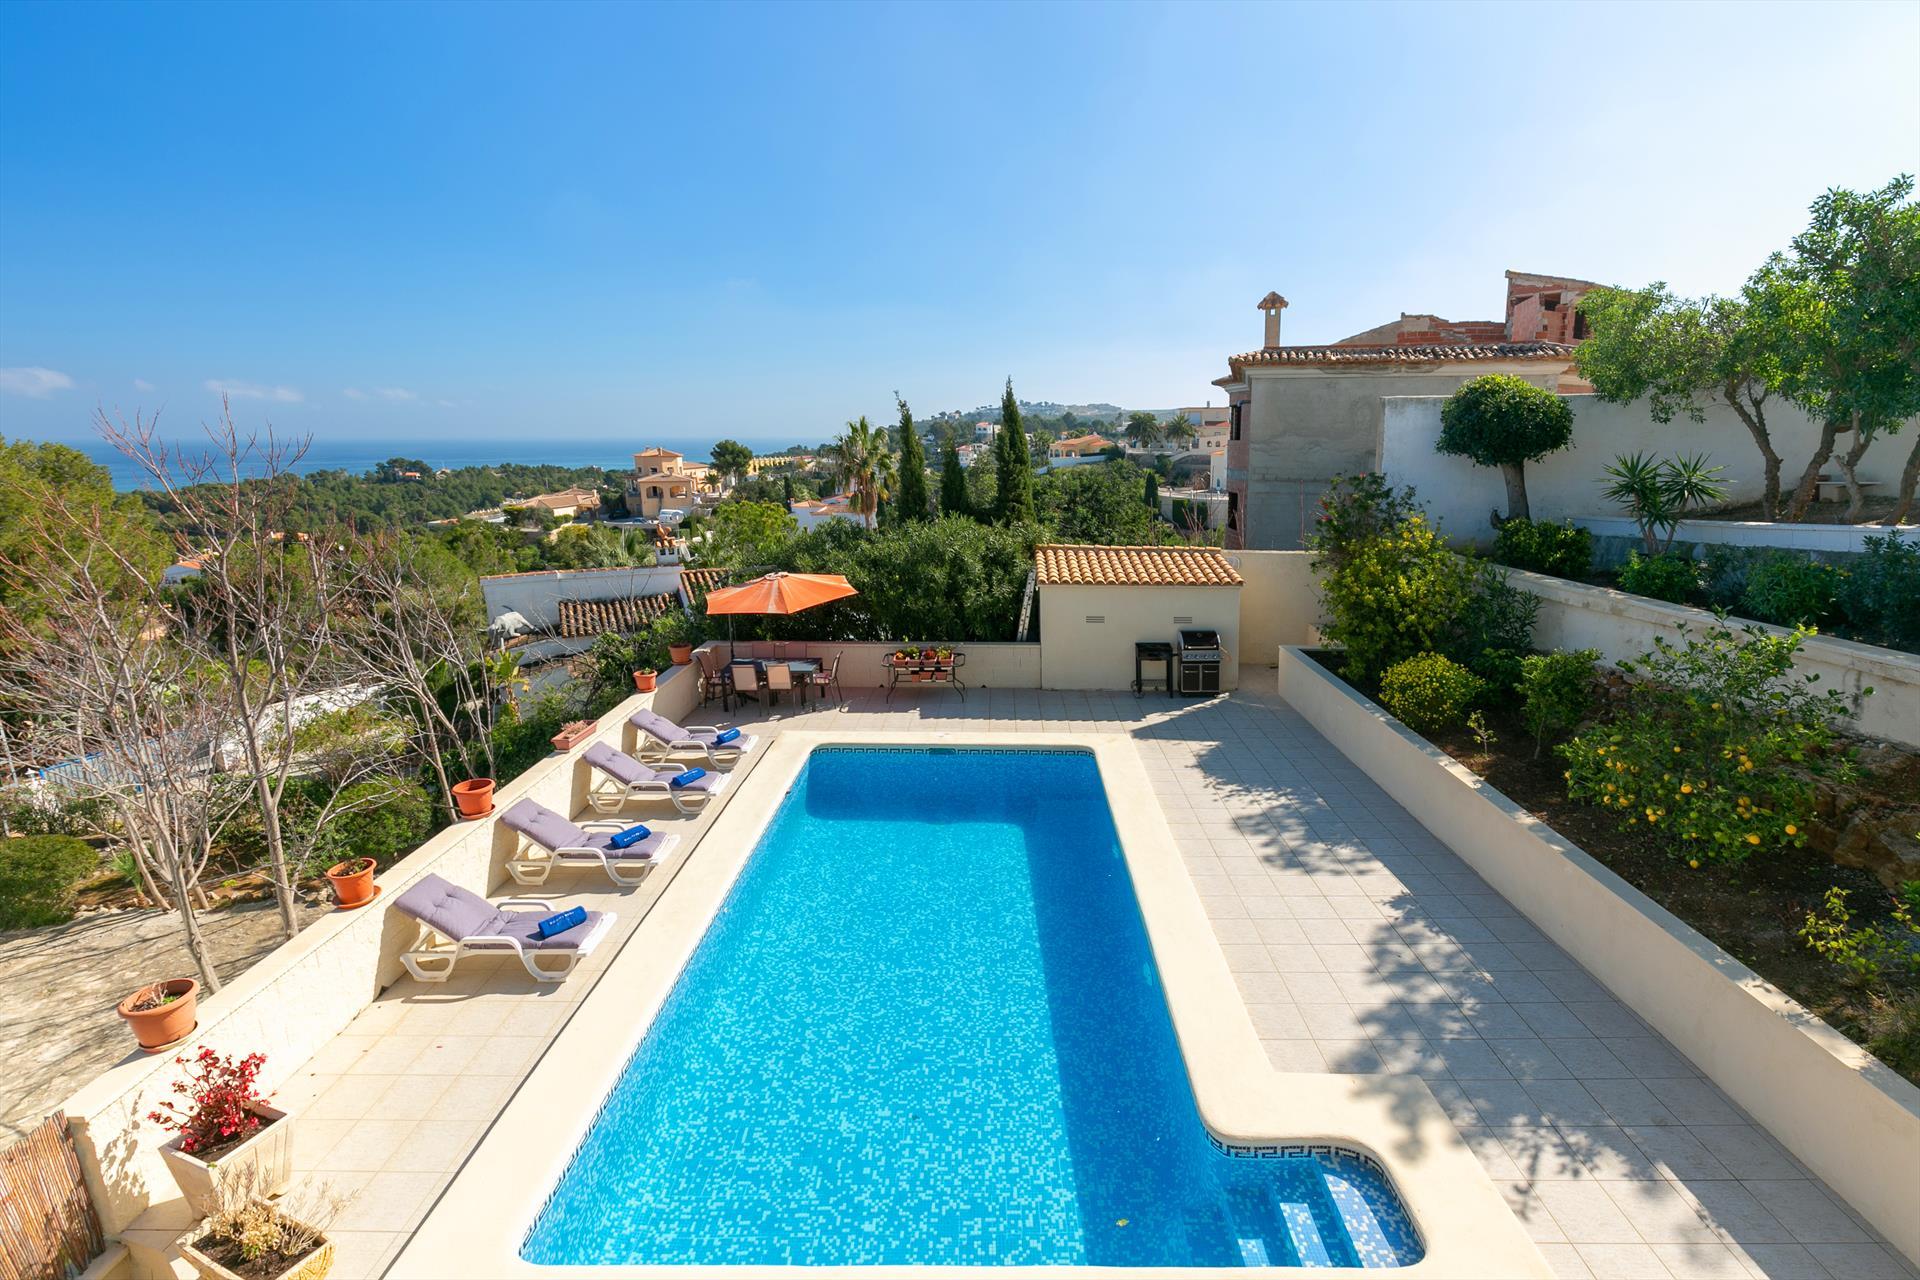 Villa Lotus,Современнкая, комфортабельная вилла  с частным бассейном  на 8 человек в Дении, нa Коста Бланкe, в Испании...